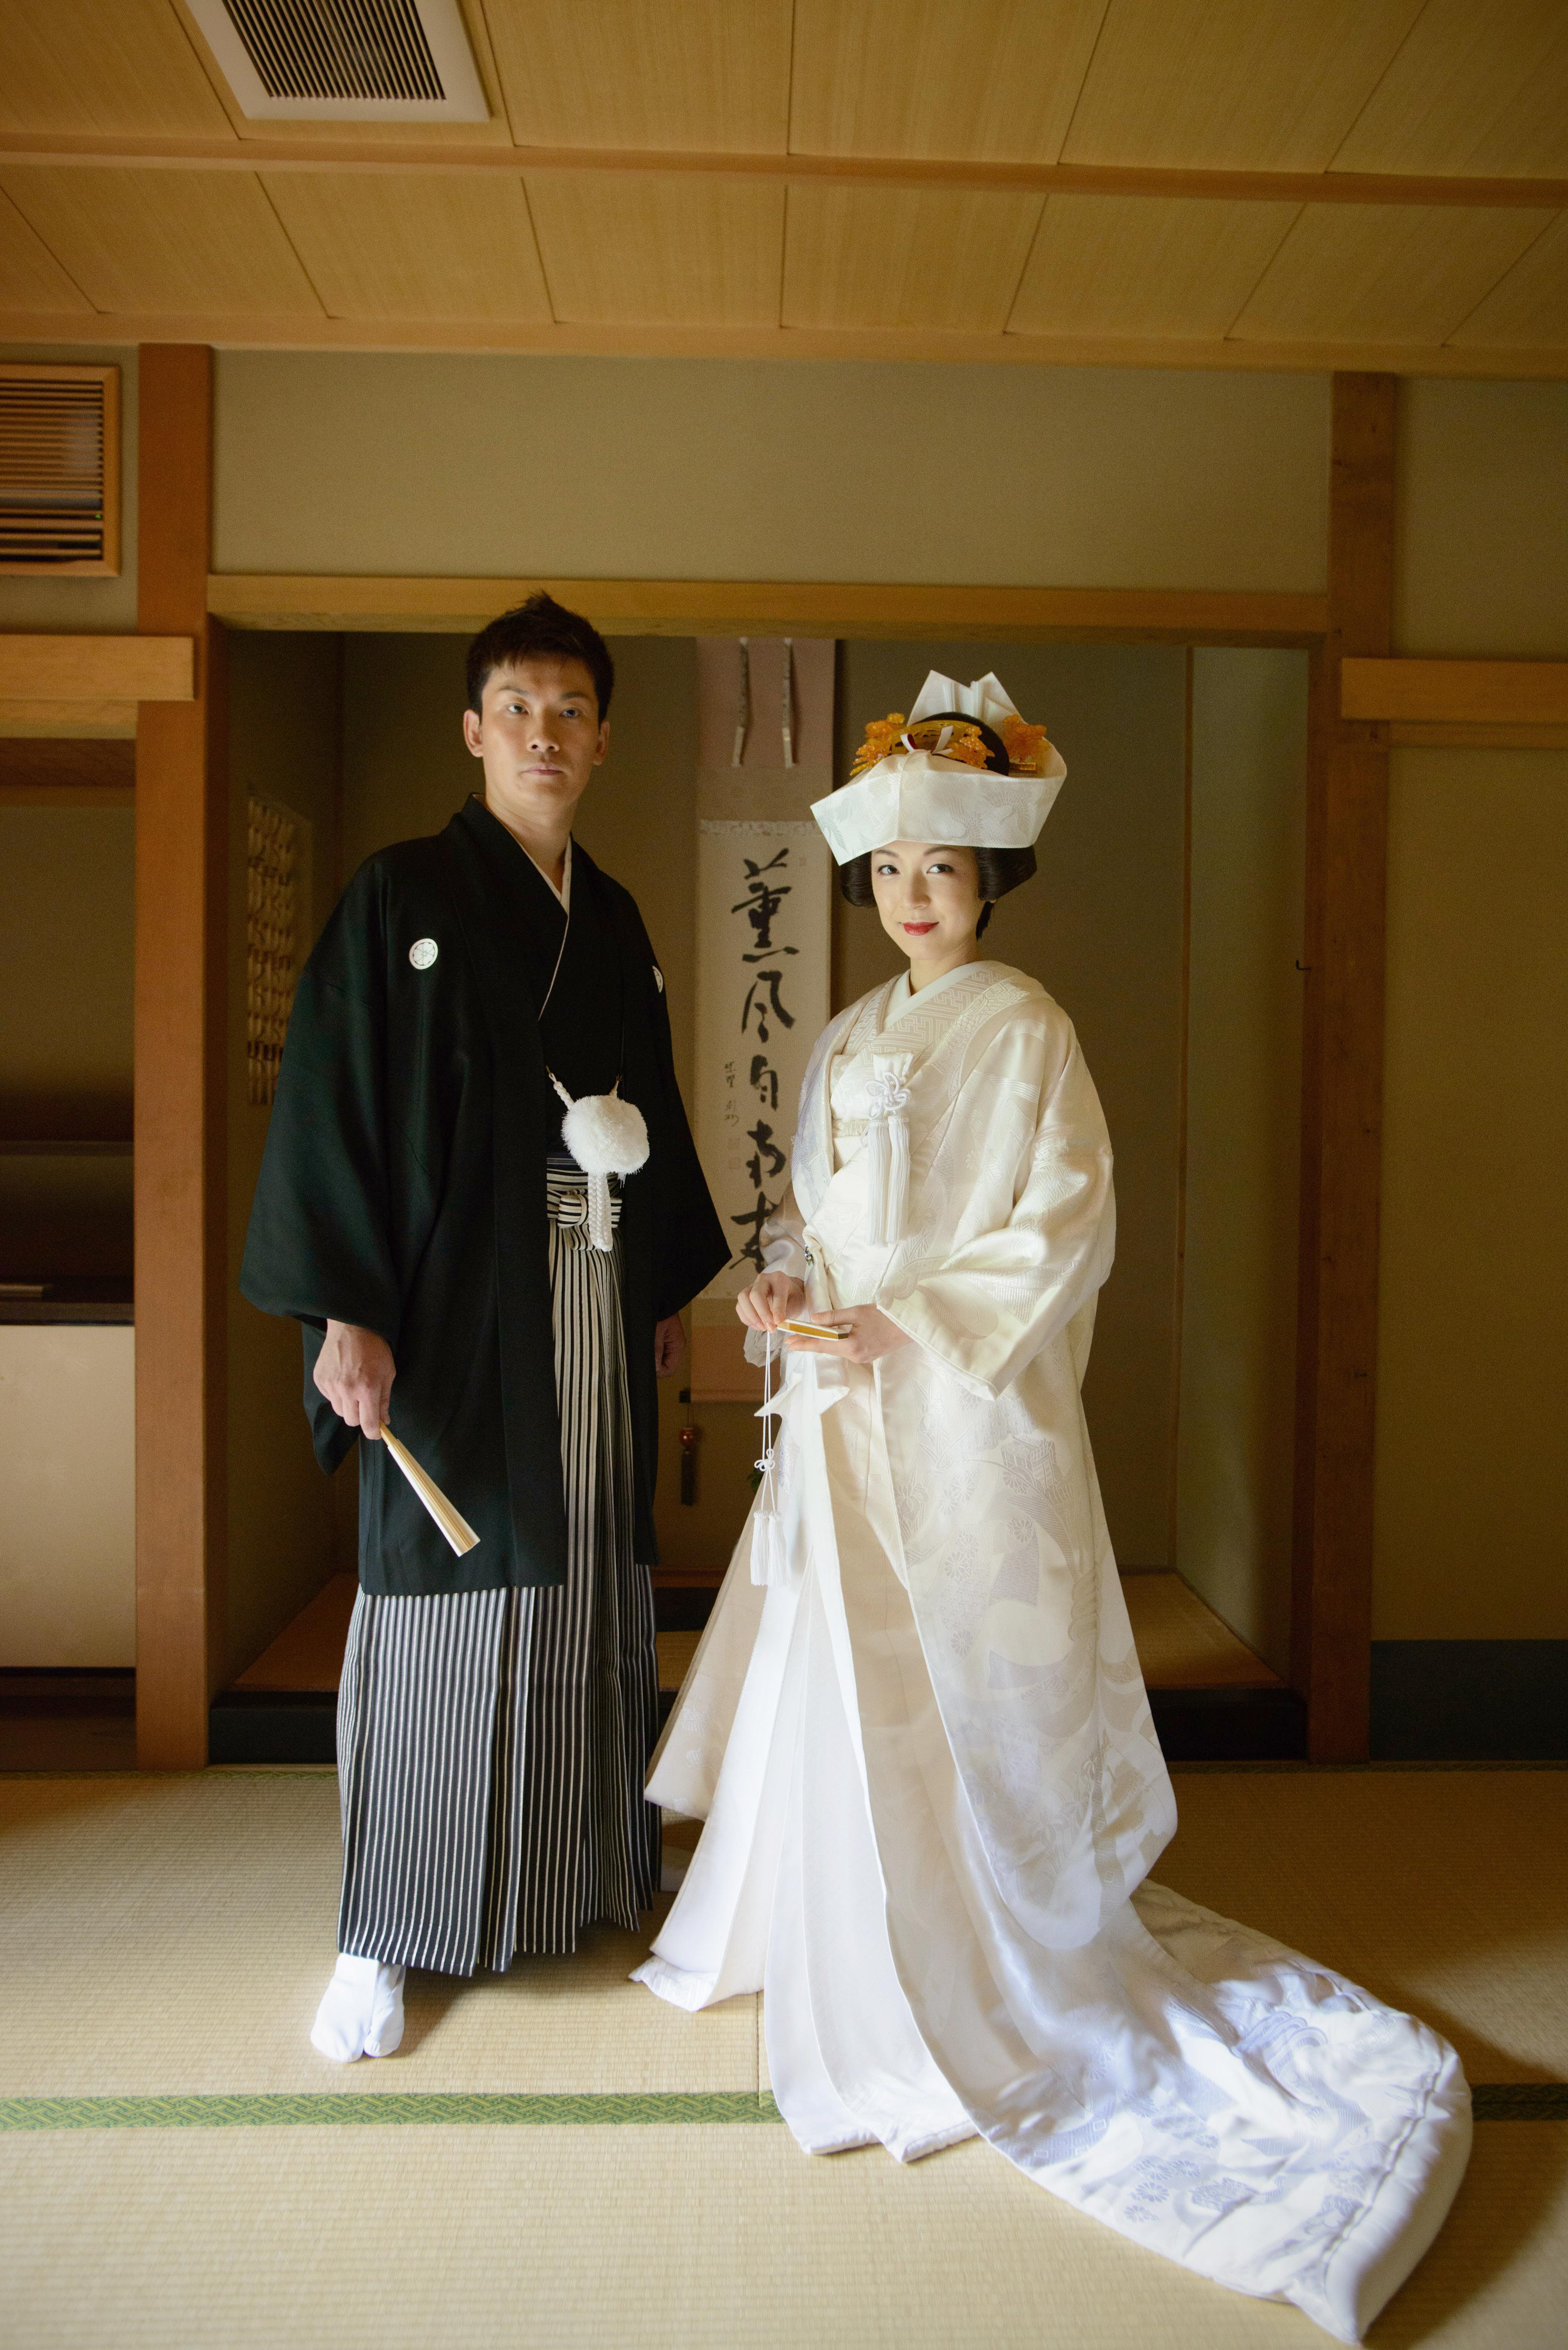 Japanses wedding style